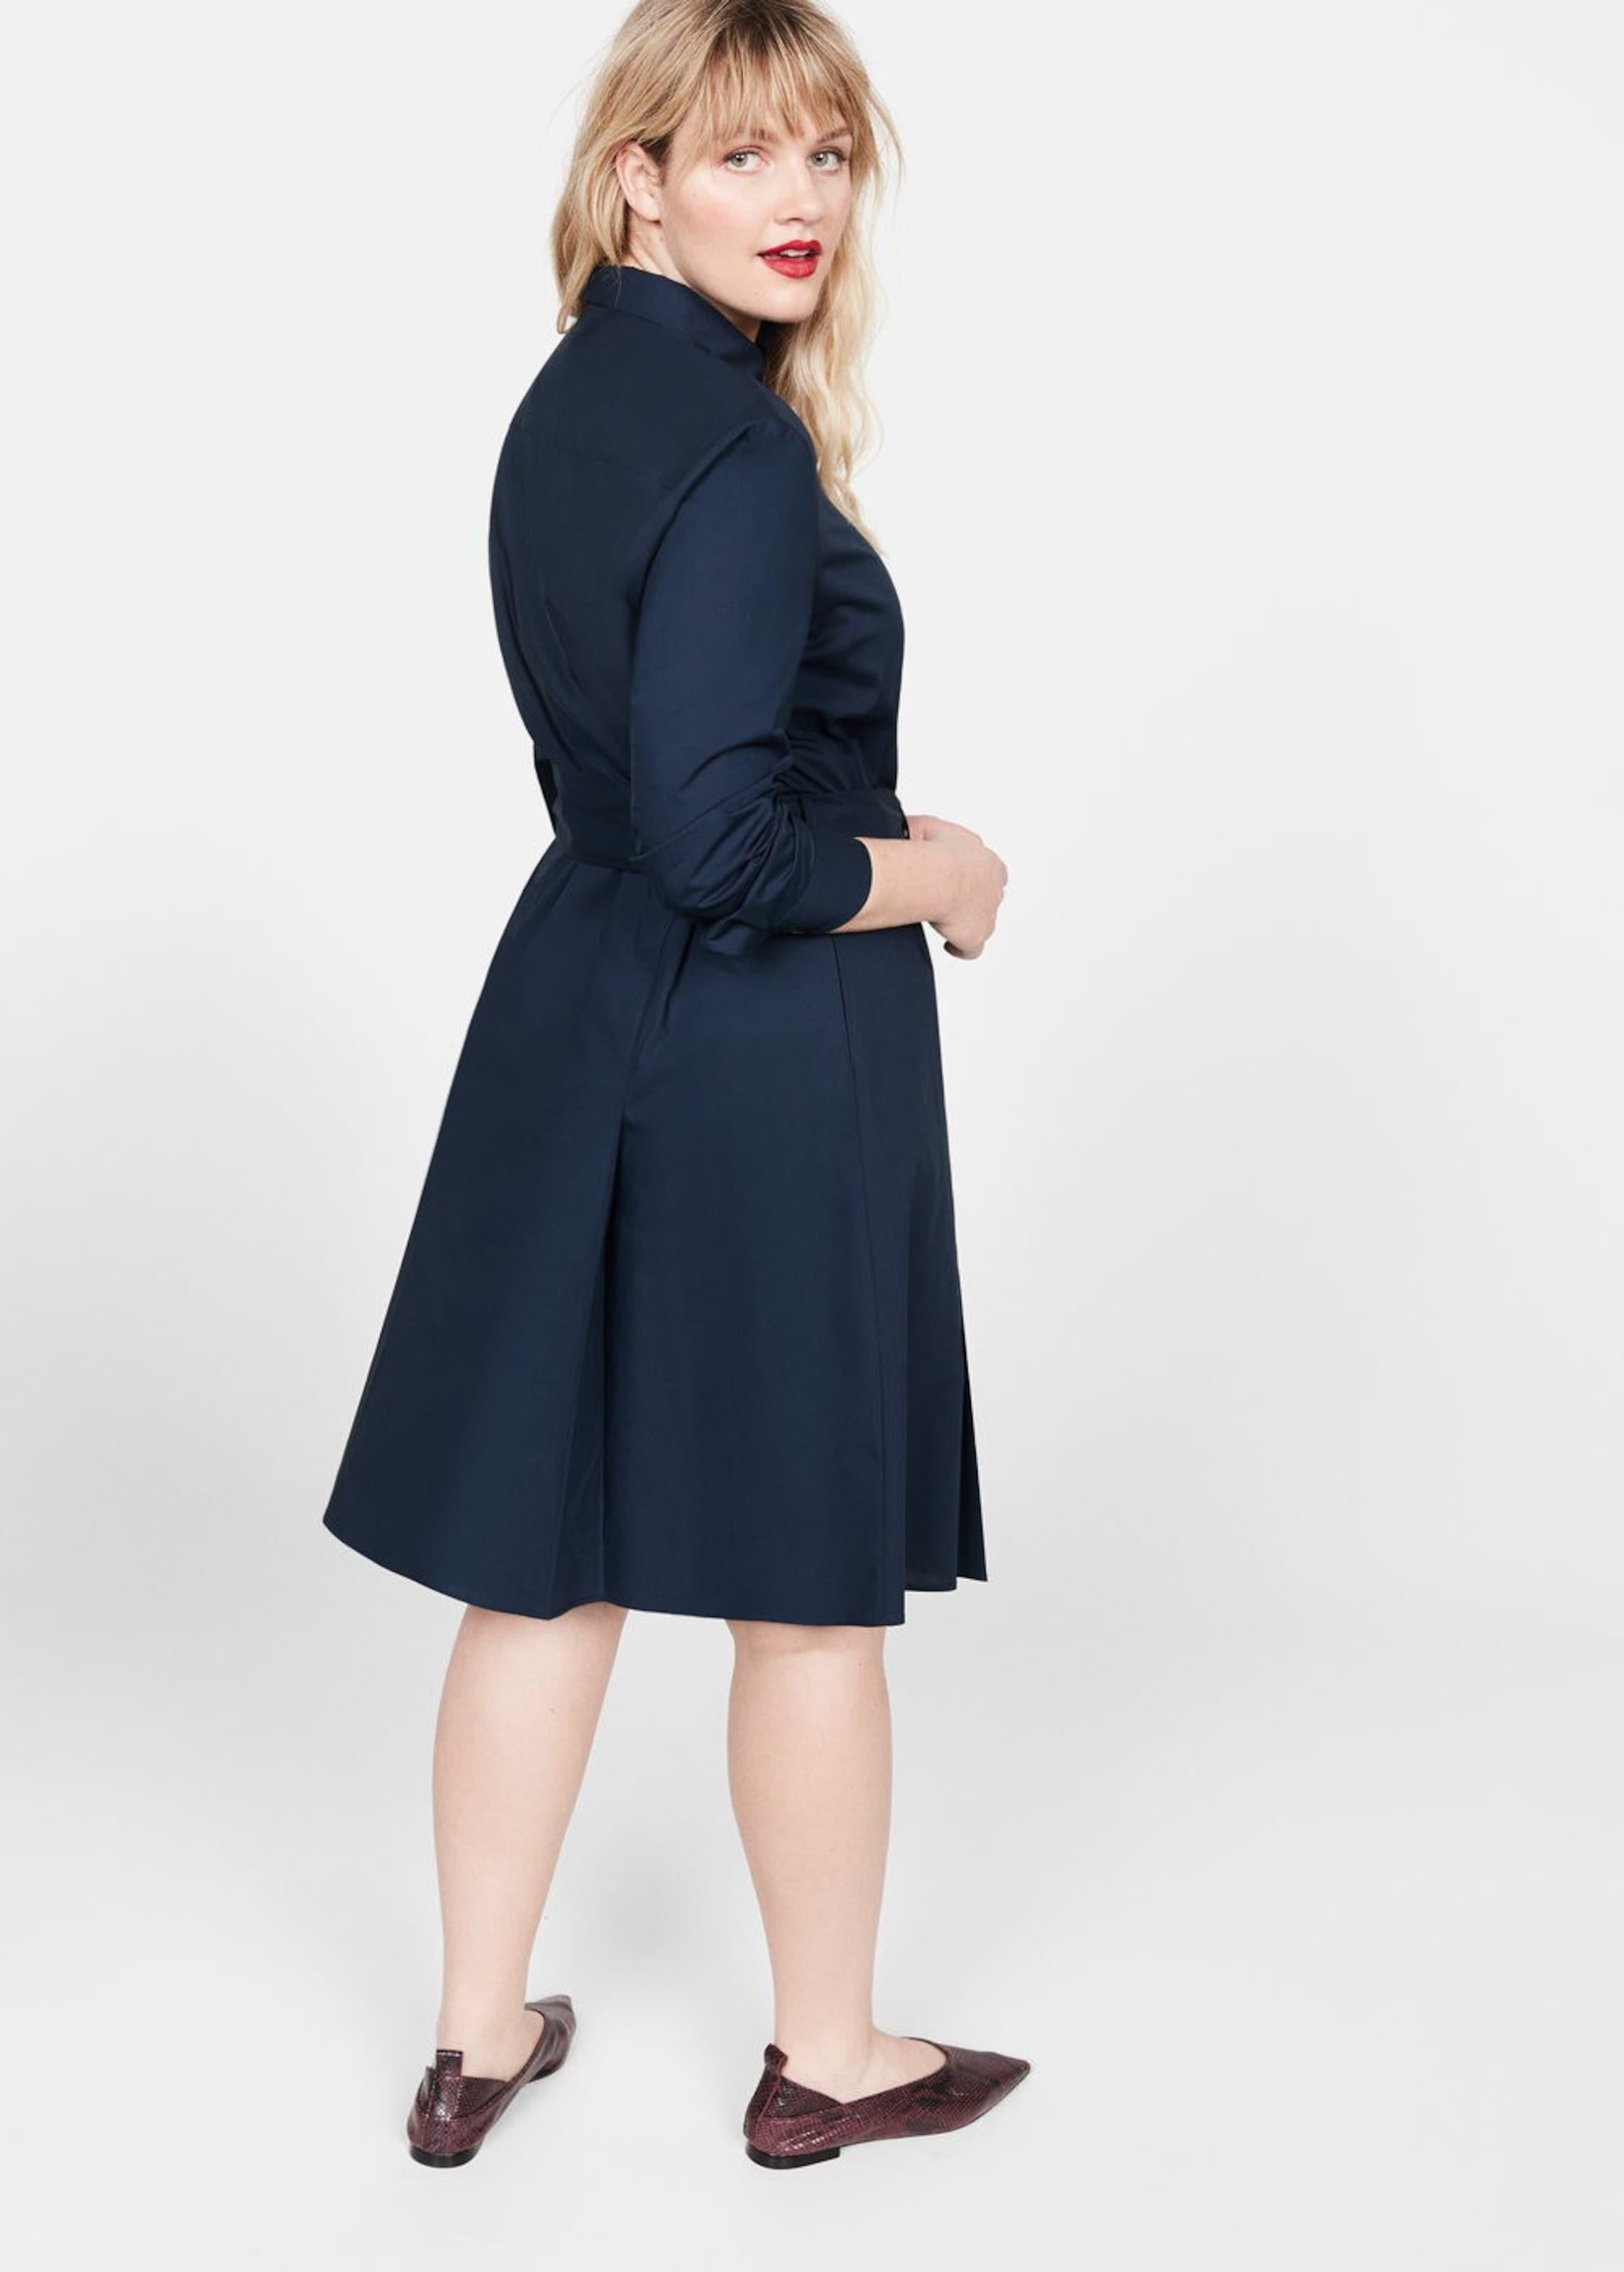 Mango Kleid In By Violeta Nachtblau 'human5' RLSc54A3jq